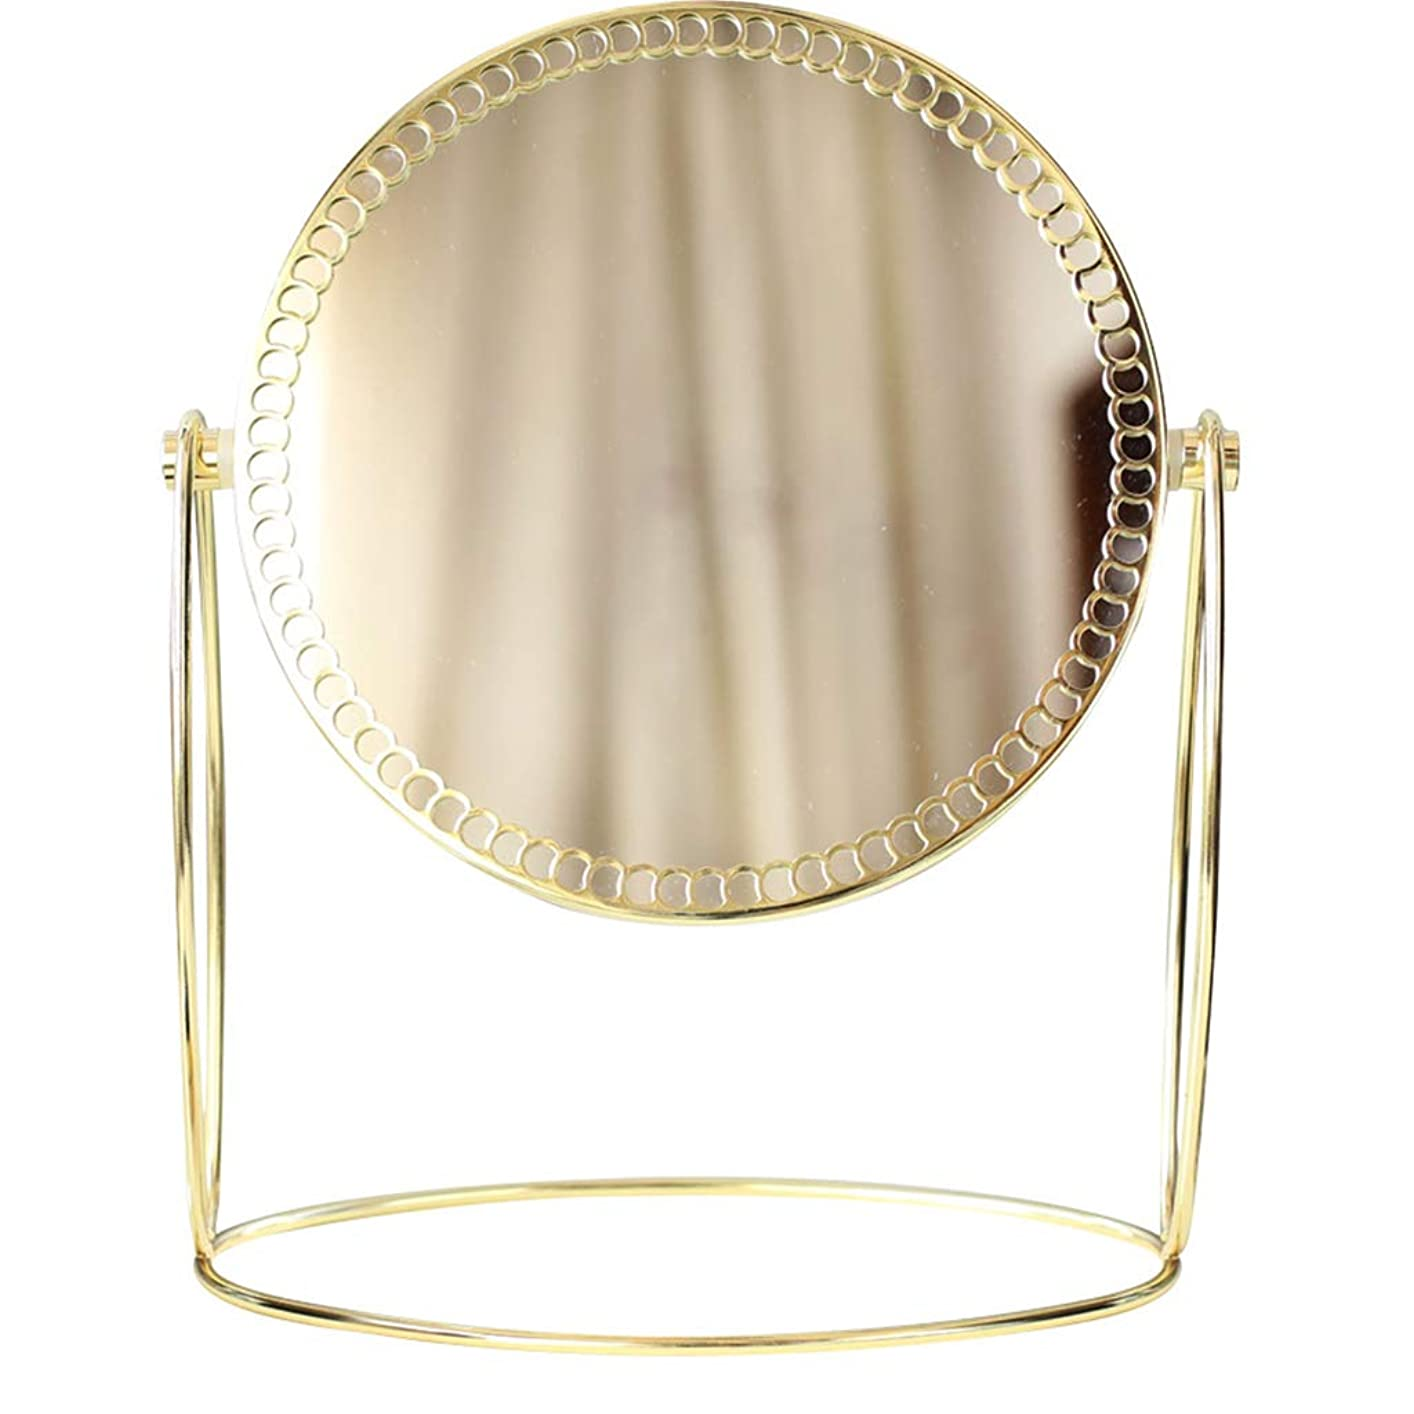 命令的絶対の異常化粧鏡 両面 360°自由回転 金属素材 メタルレトロプリンセスミラー 寮に適しています ベッドルーム